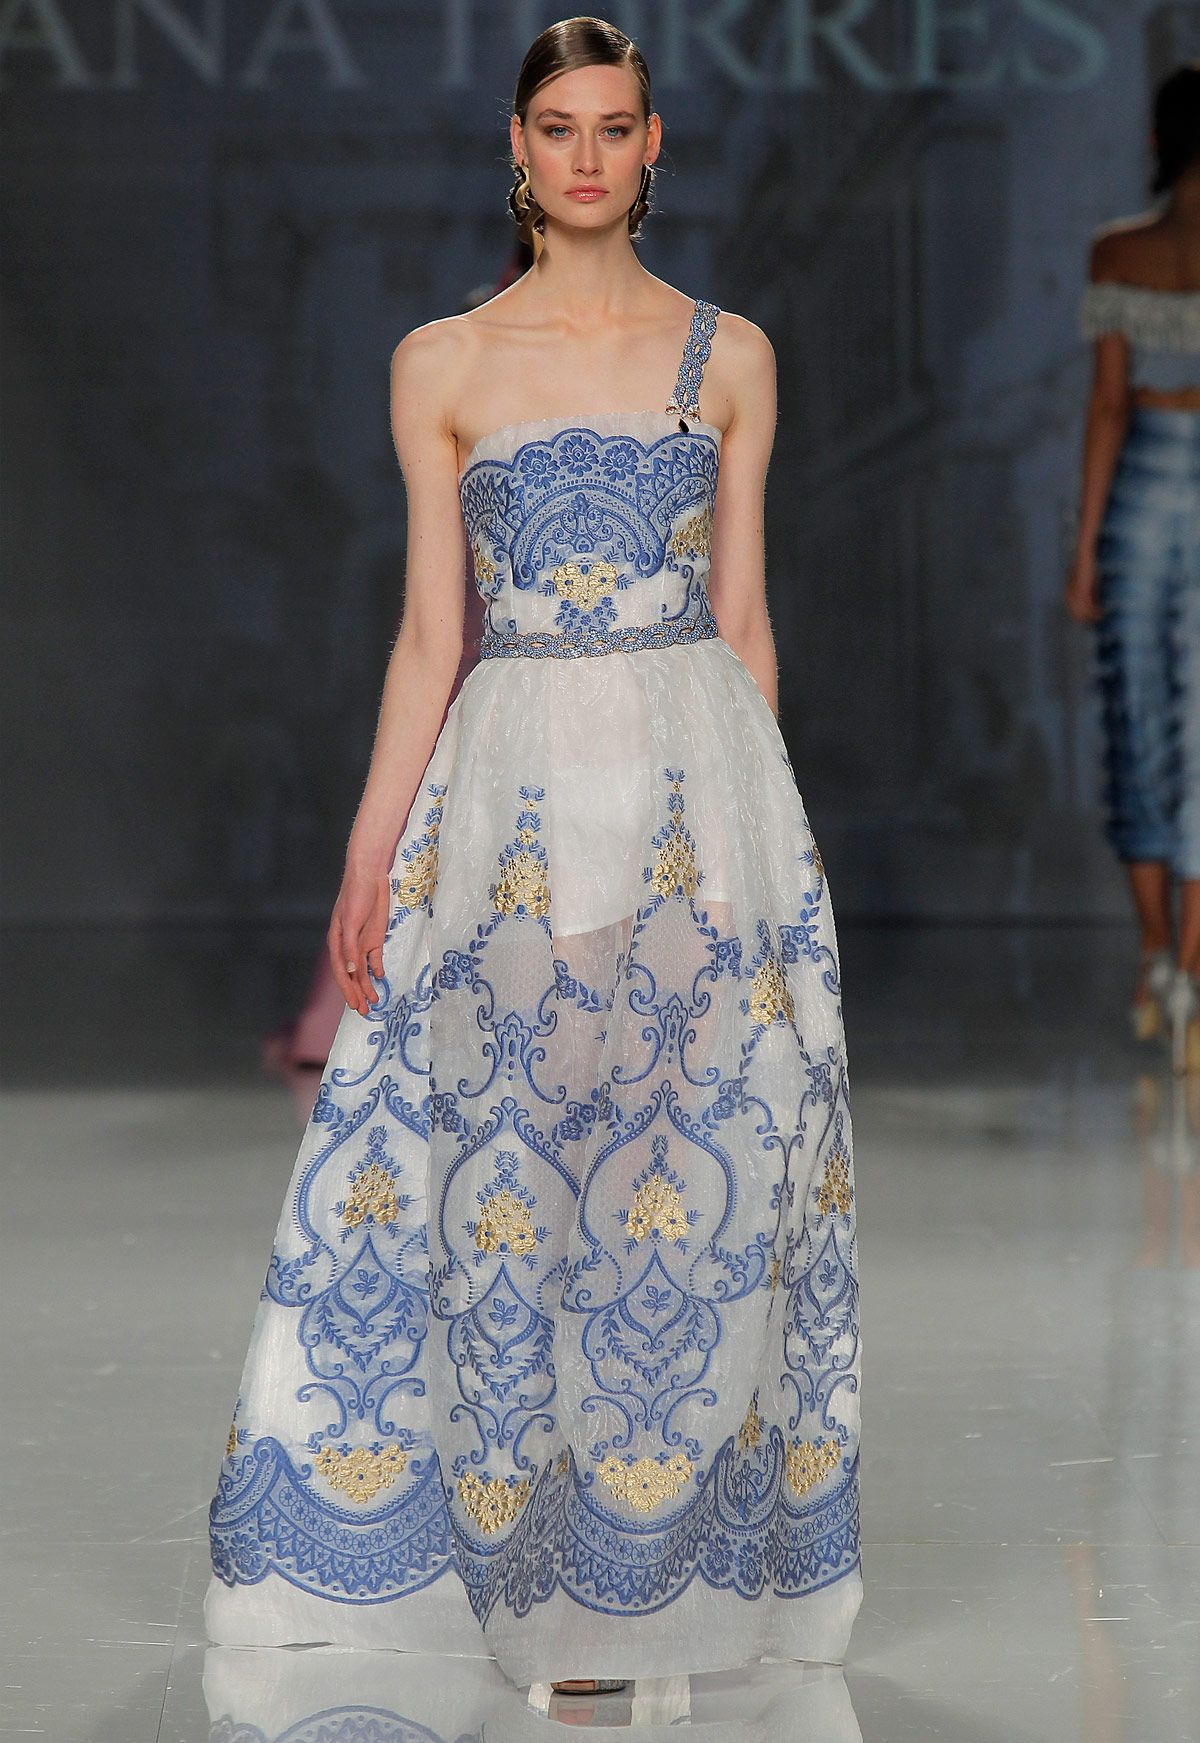 Tienda de vestidos de fiesta y madrina Ana Torres colección 2018 modelo 18121A en Eva Novias